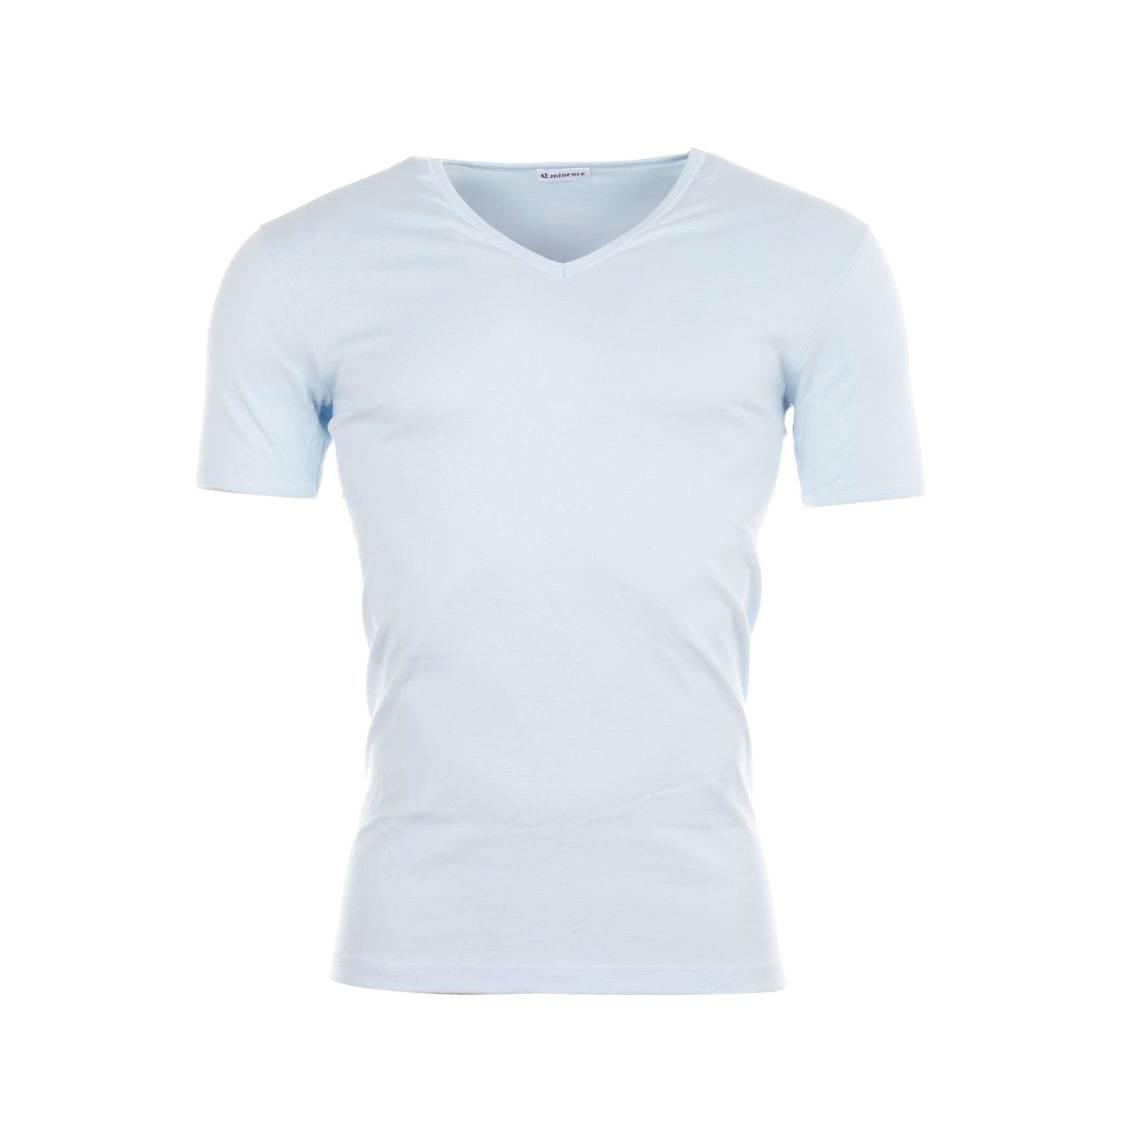 785dfed6776d ... ciel Tee-shirt Bleu Eminence homme. 1 · 2